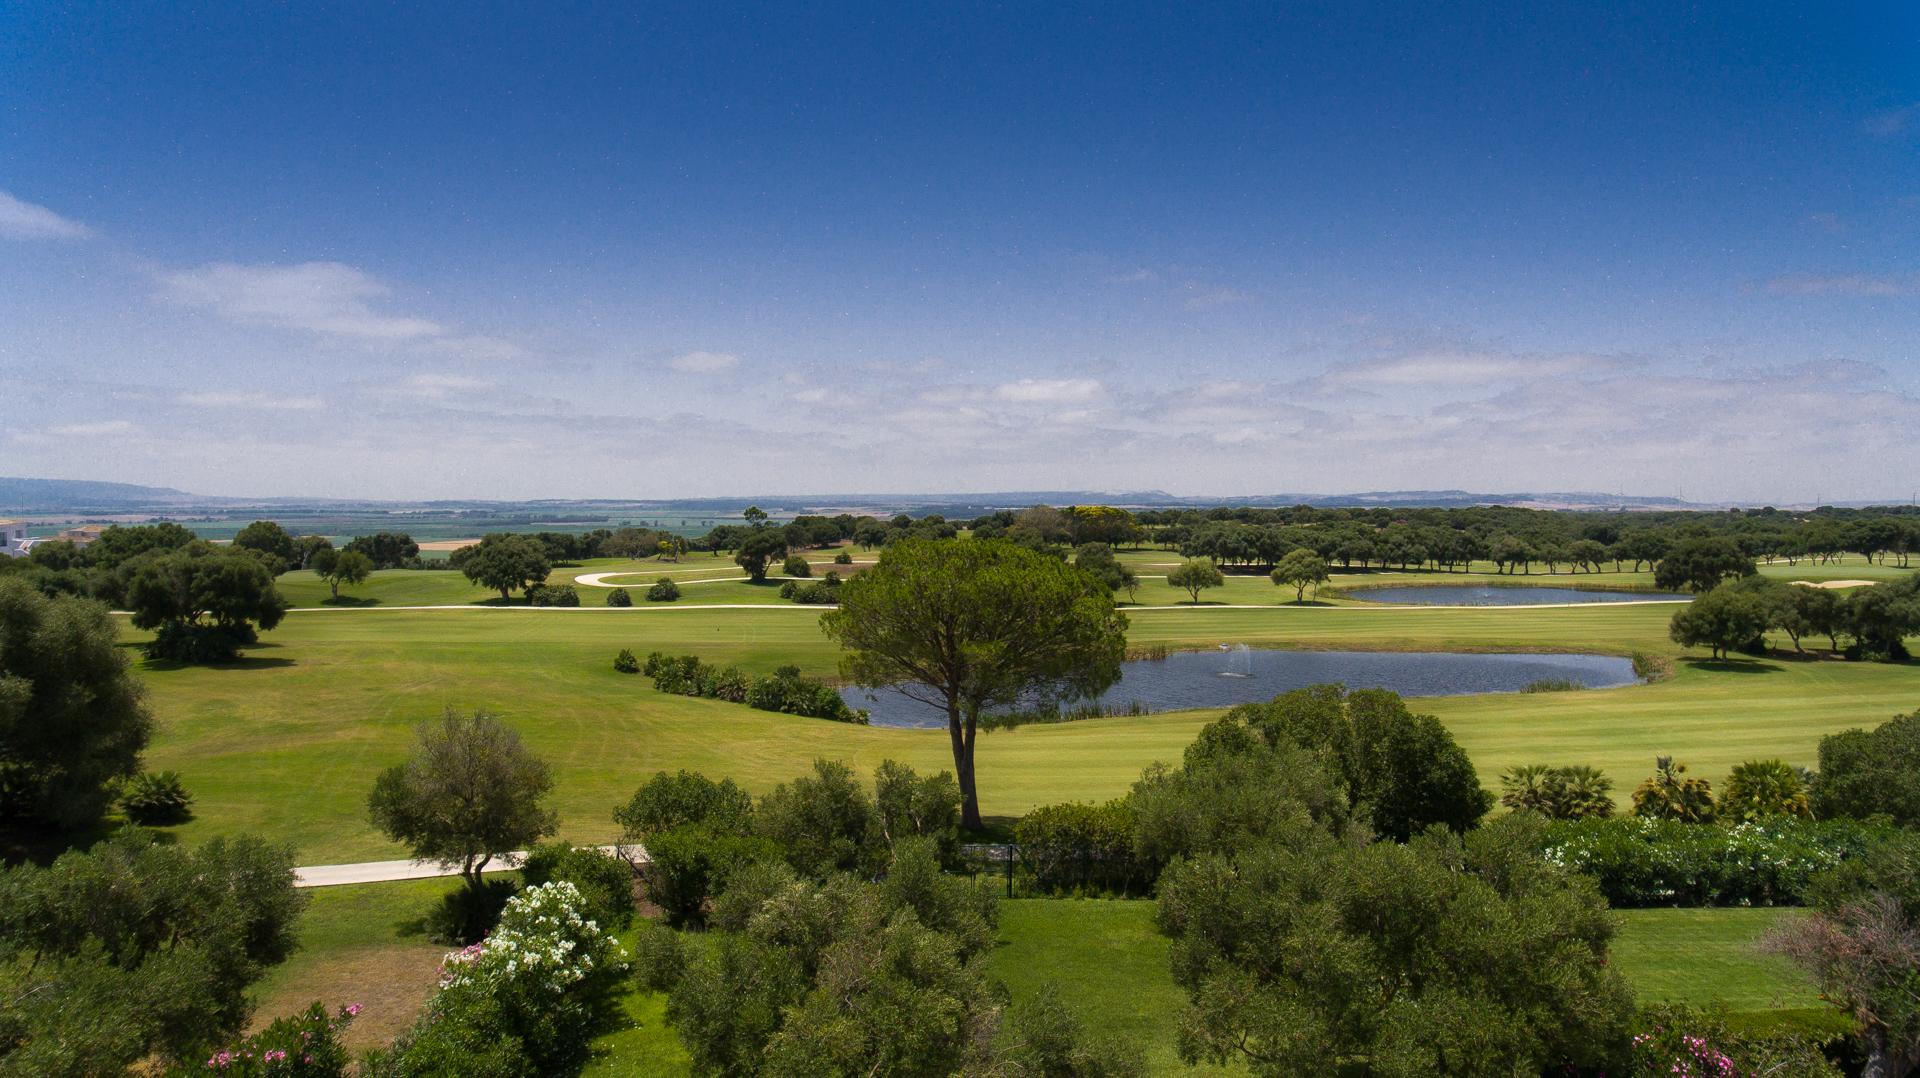 Golf Villas Costa de la Luz